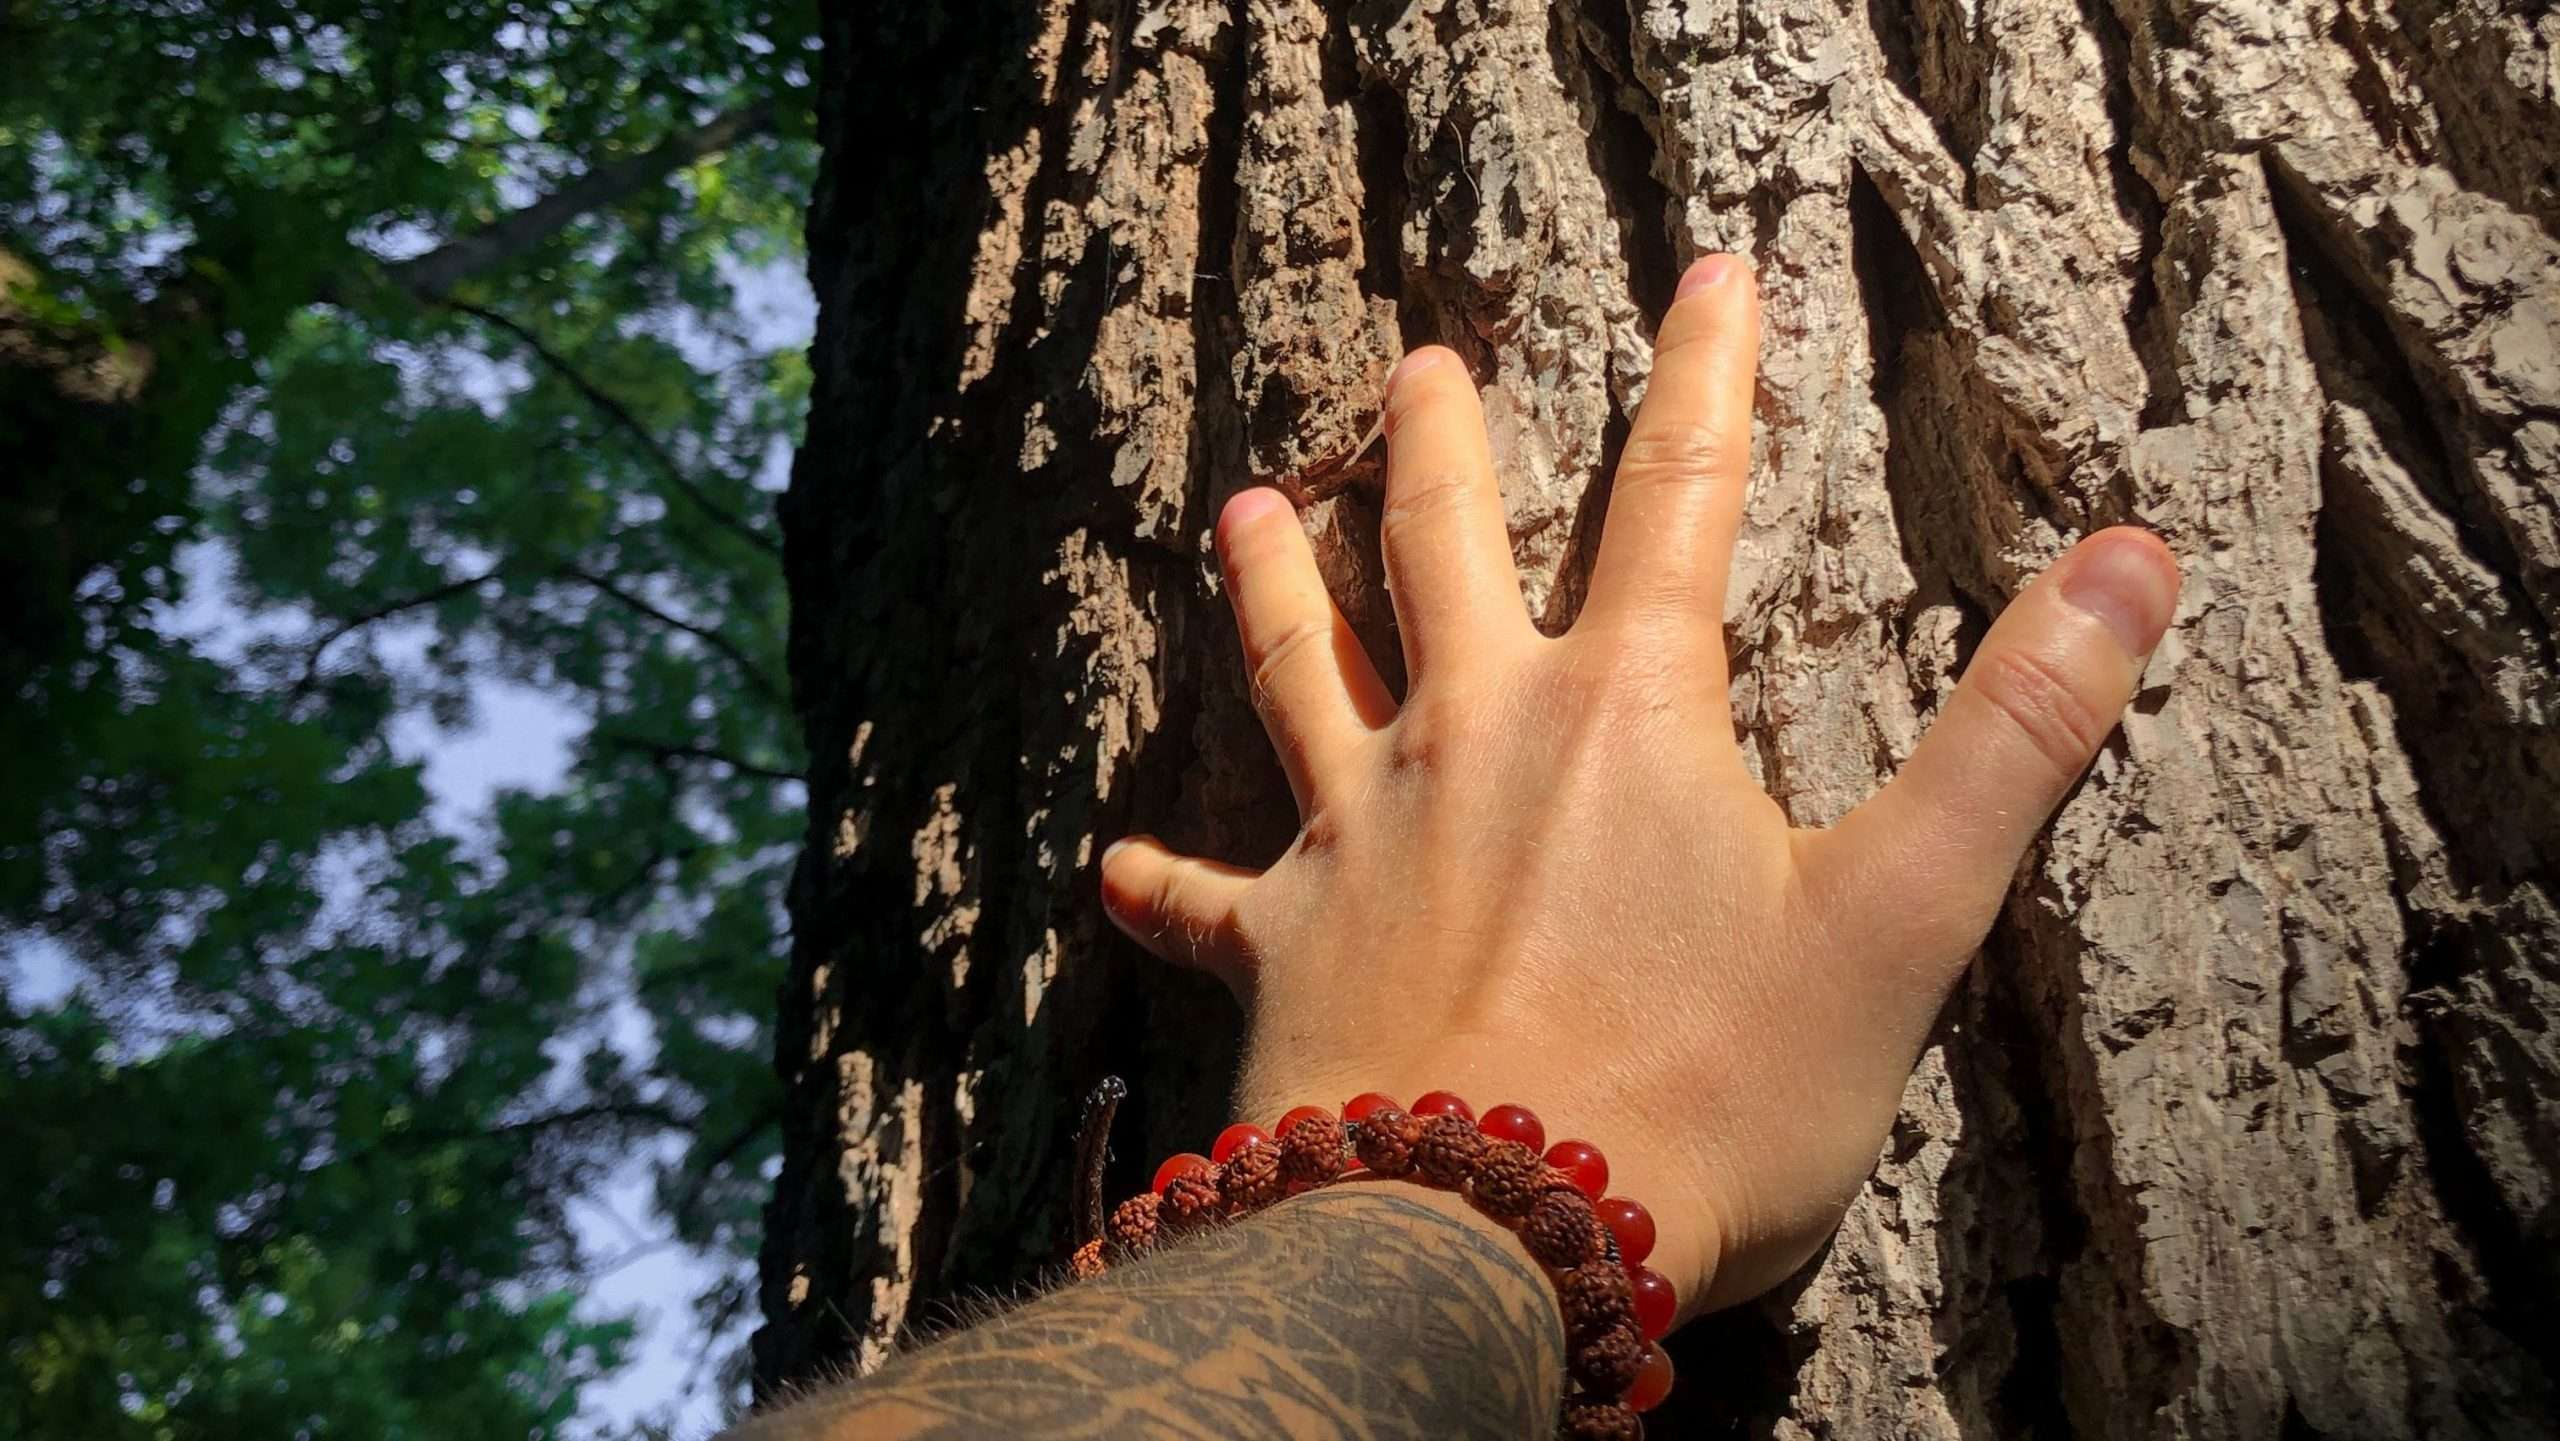 Scopri il potere magico del bosco accarezzare